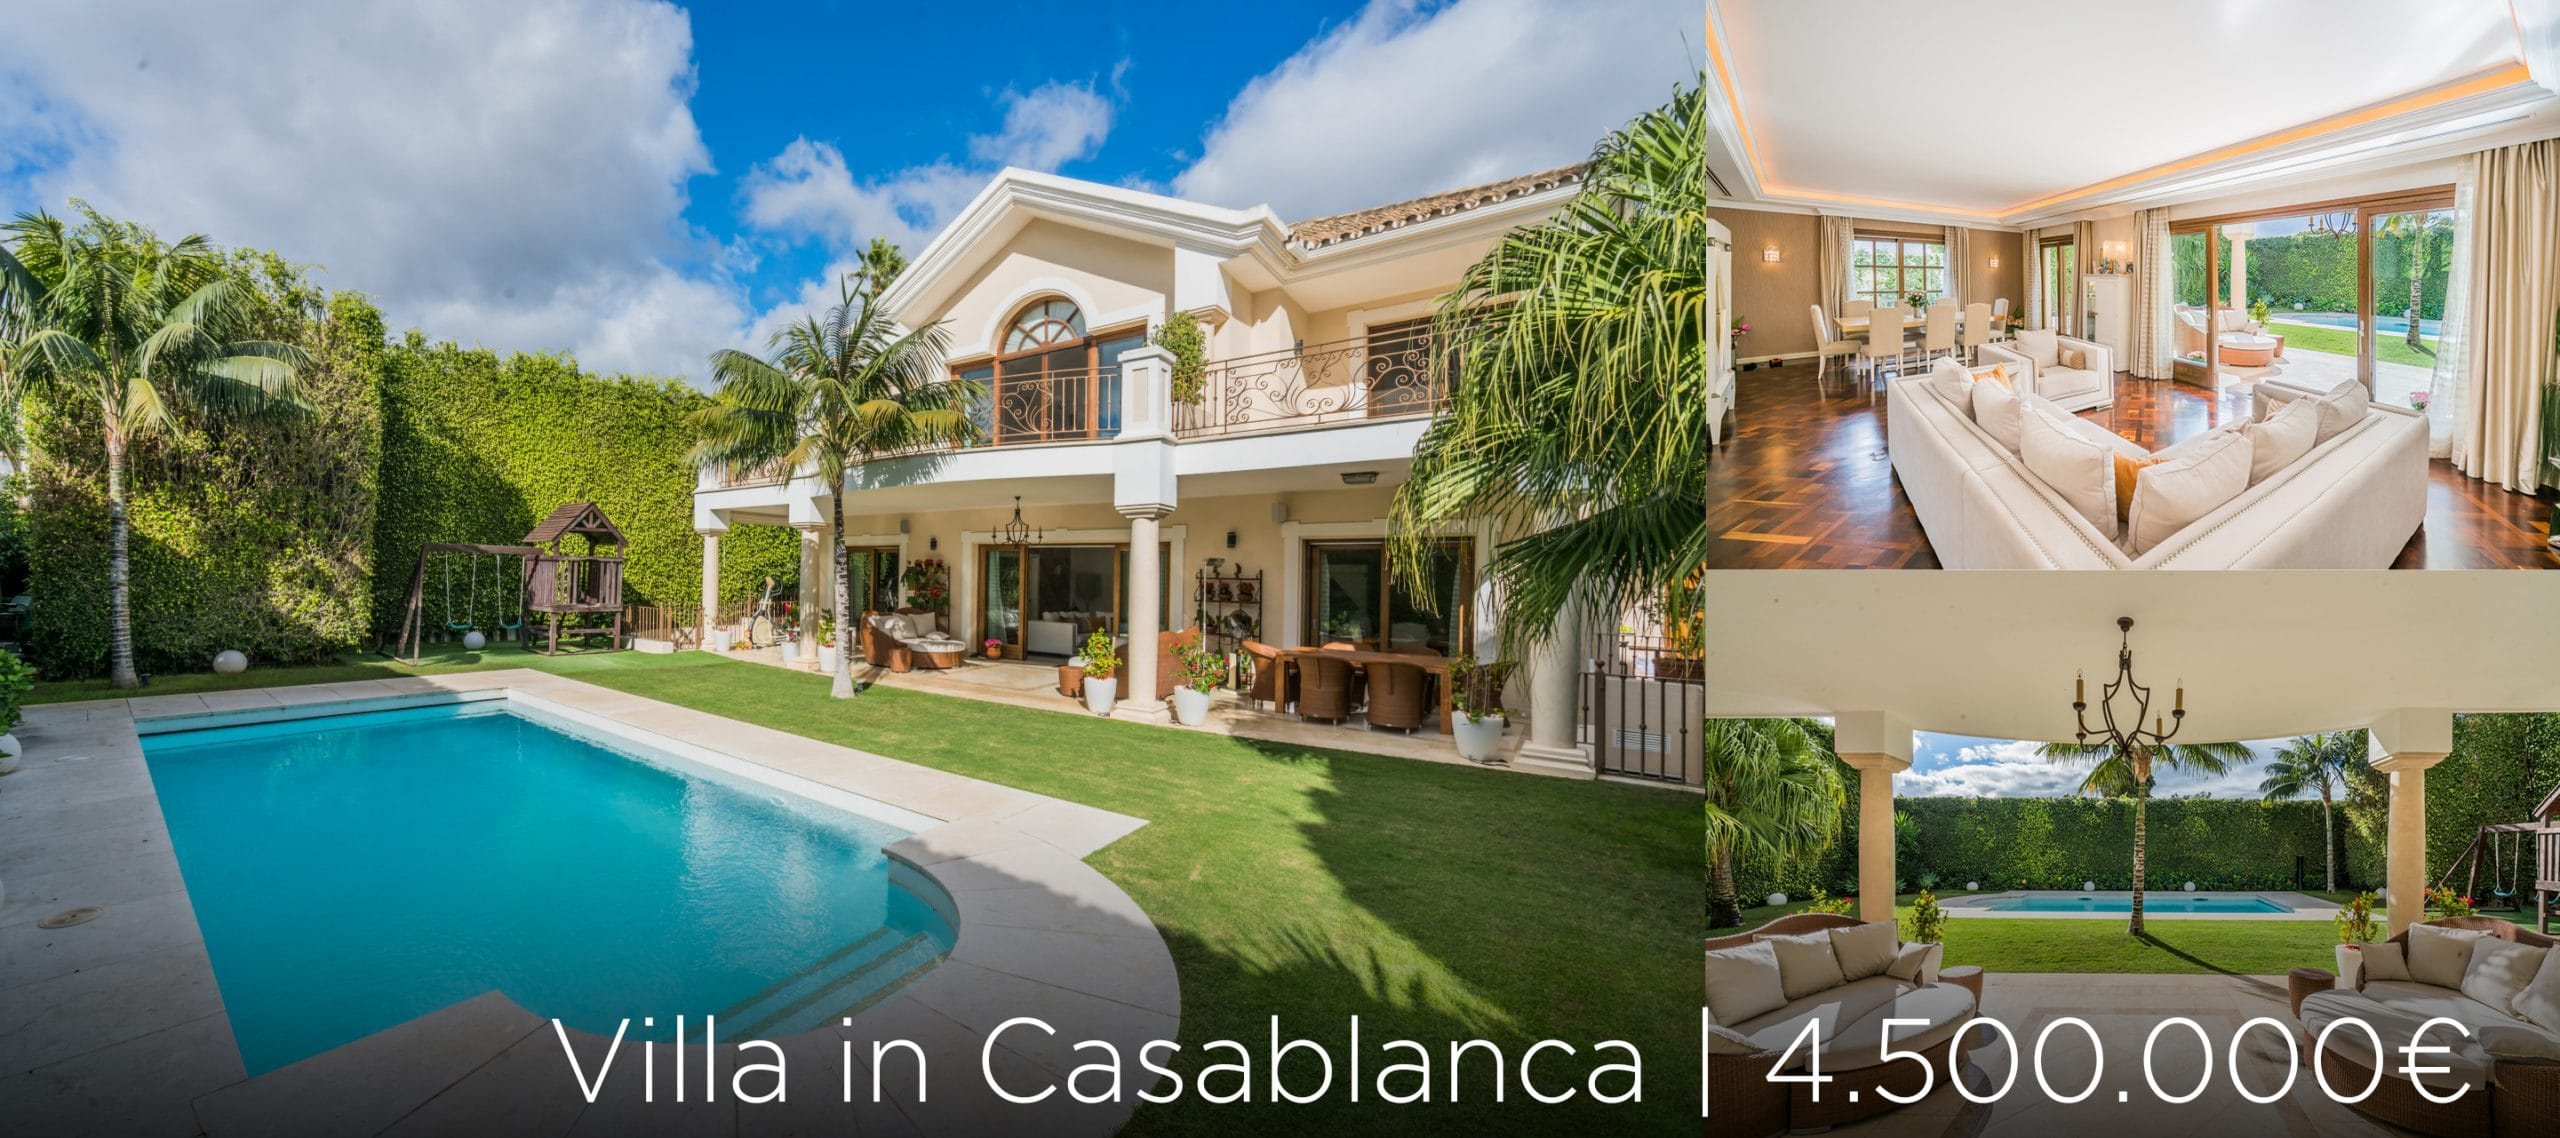 Villa in Casablanca zu verkaufen Marbella Goldene Meile